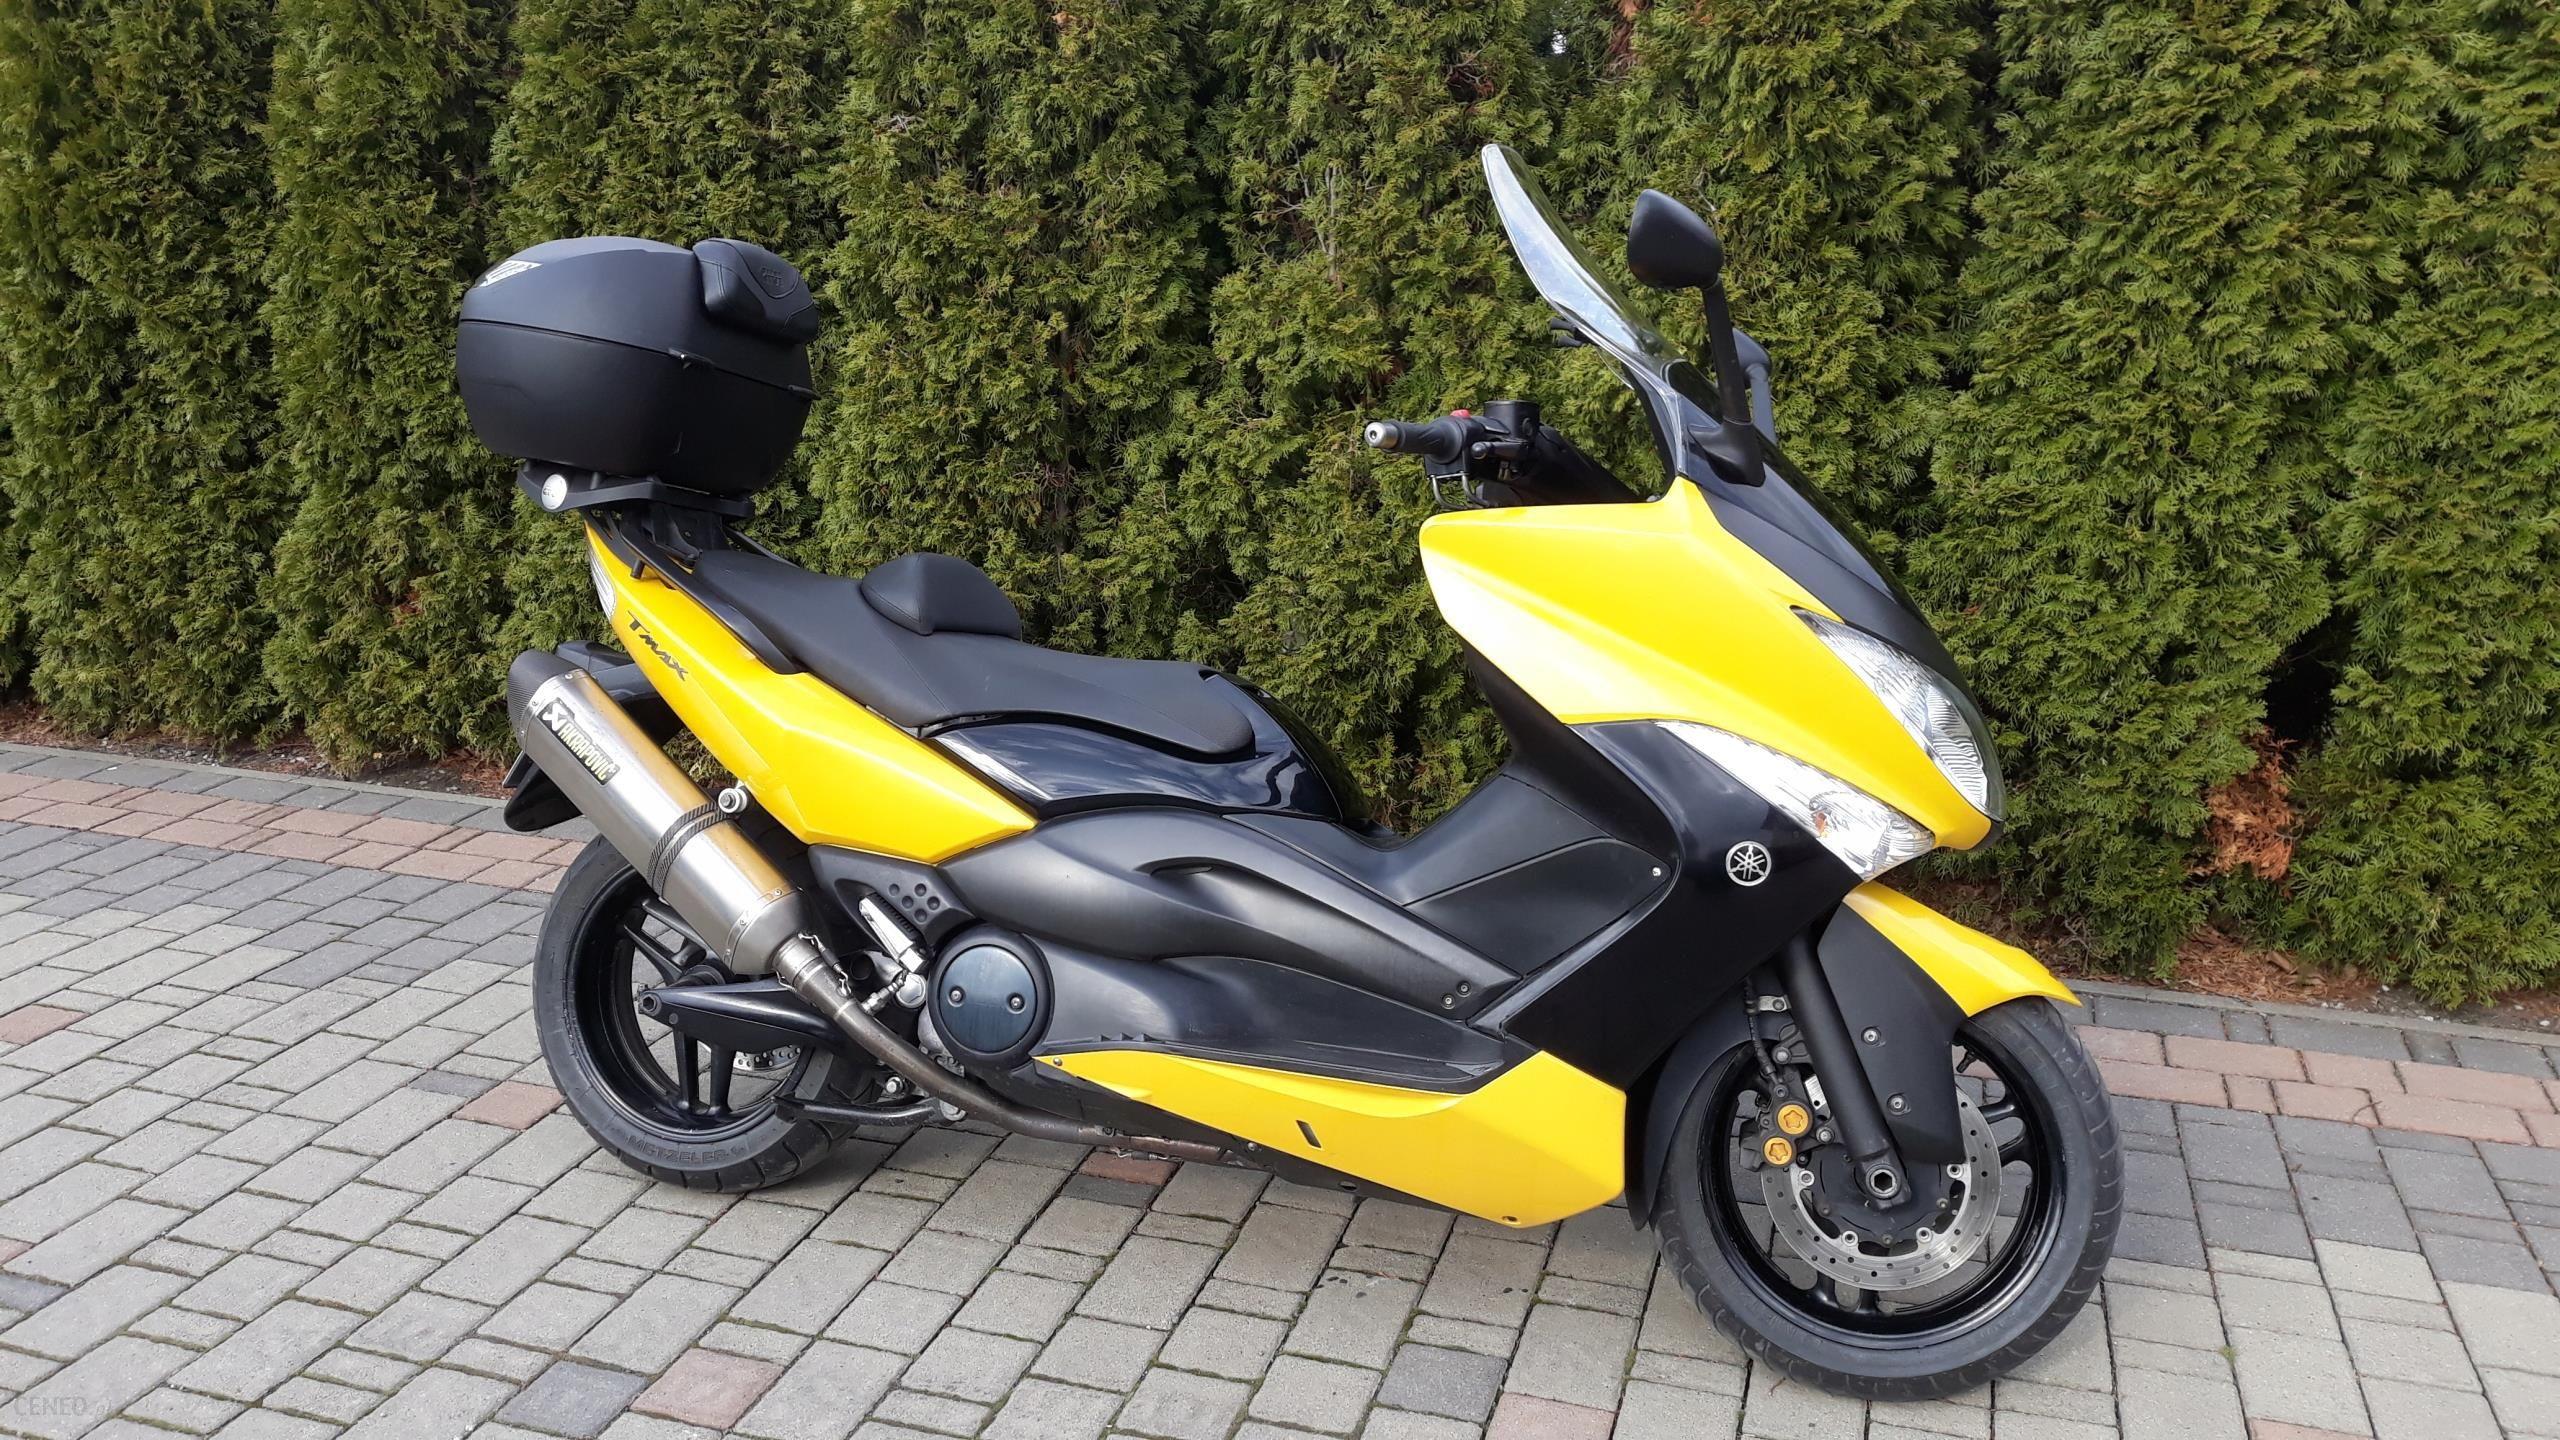 Sprzedam Skuter Motocykl Yamaha Tmax 500 Xp500 Opinie I Ceny Na Ceneo Pl